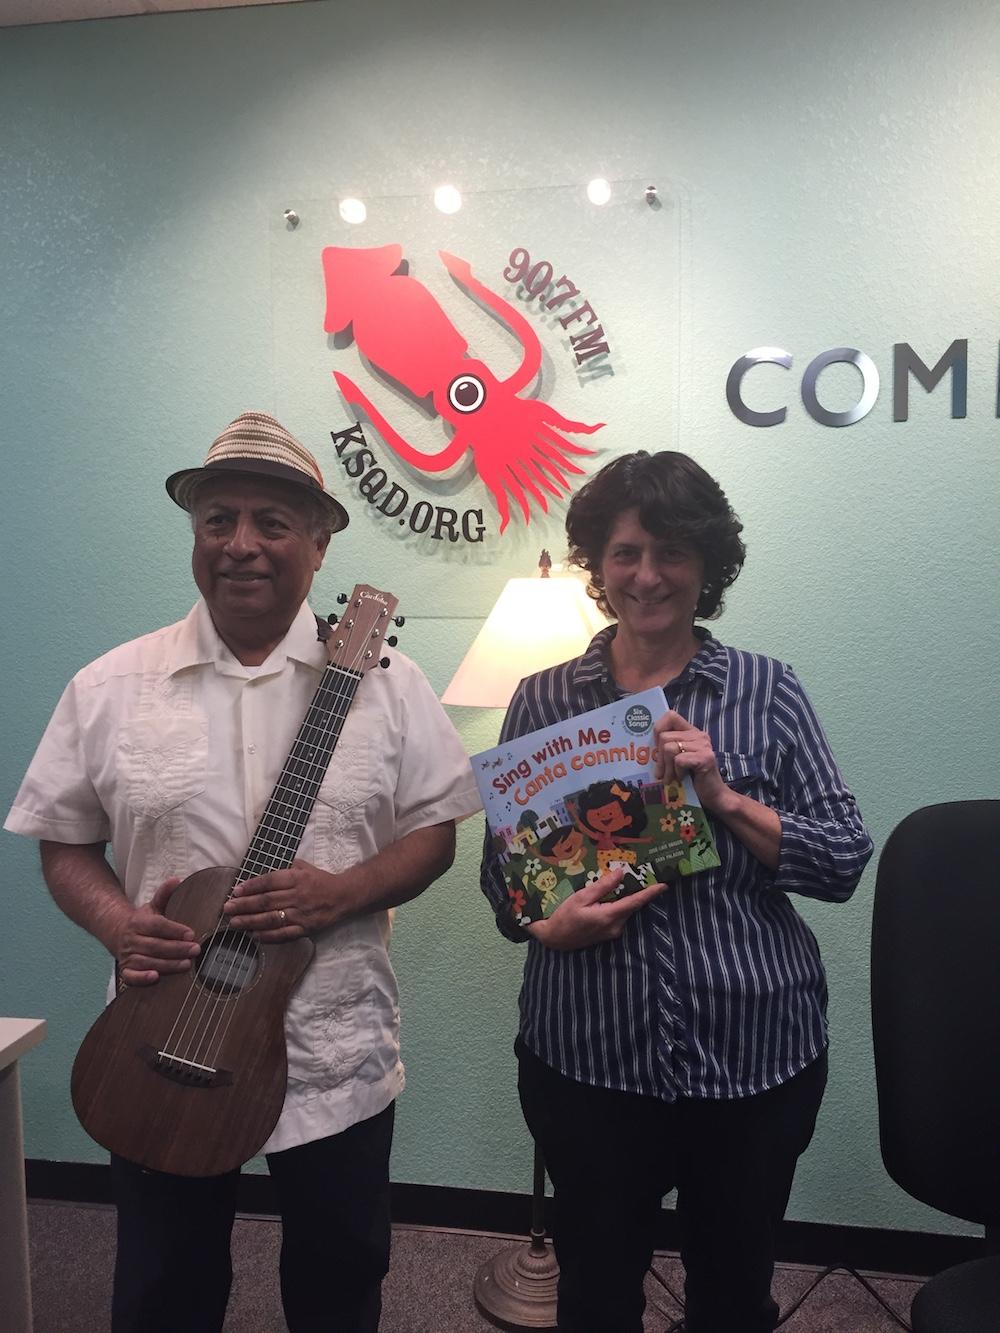 José-Luis Orozco: Musica Para Todo la Gente